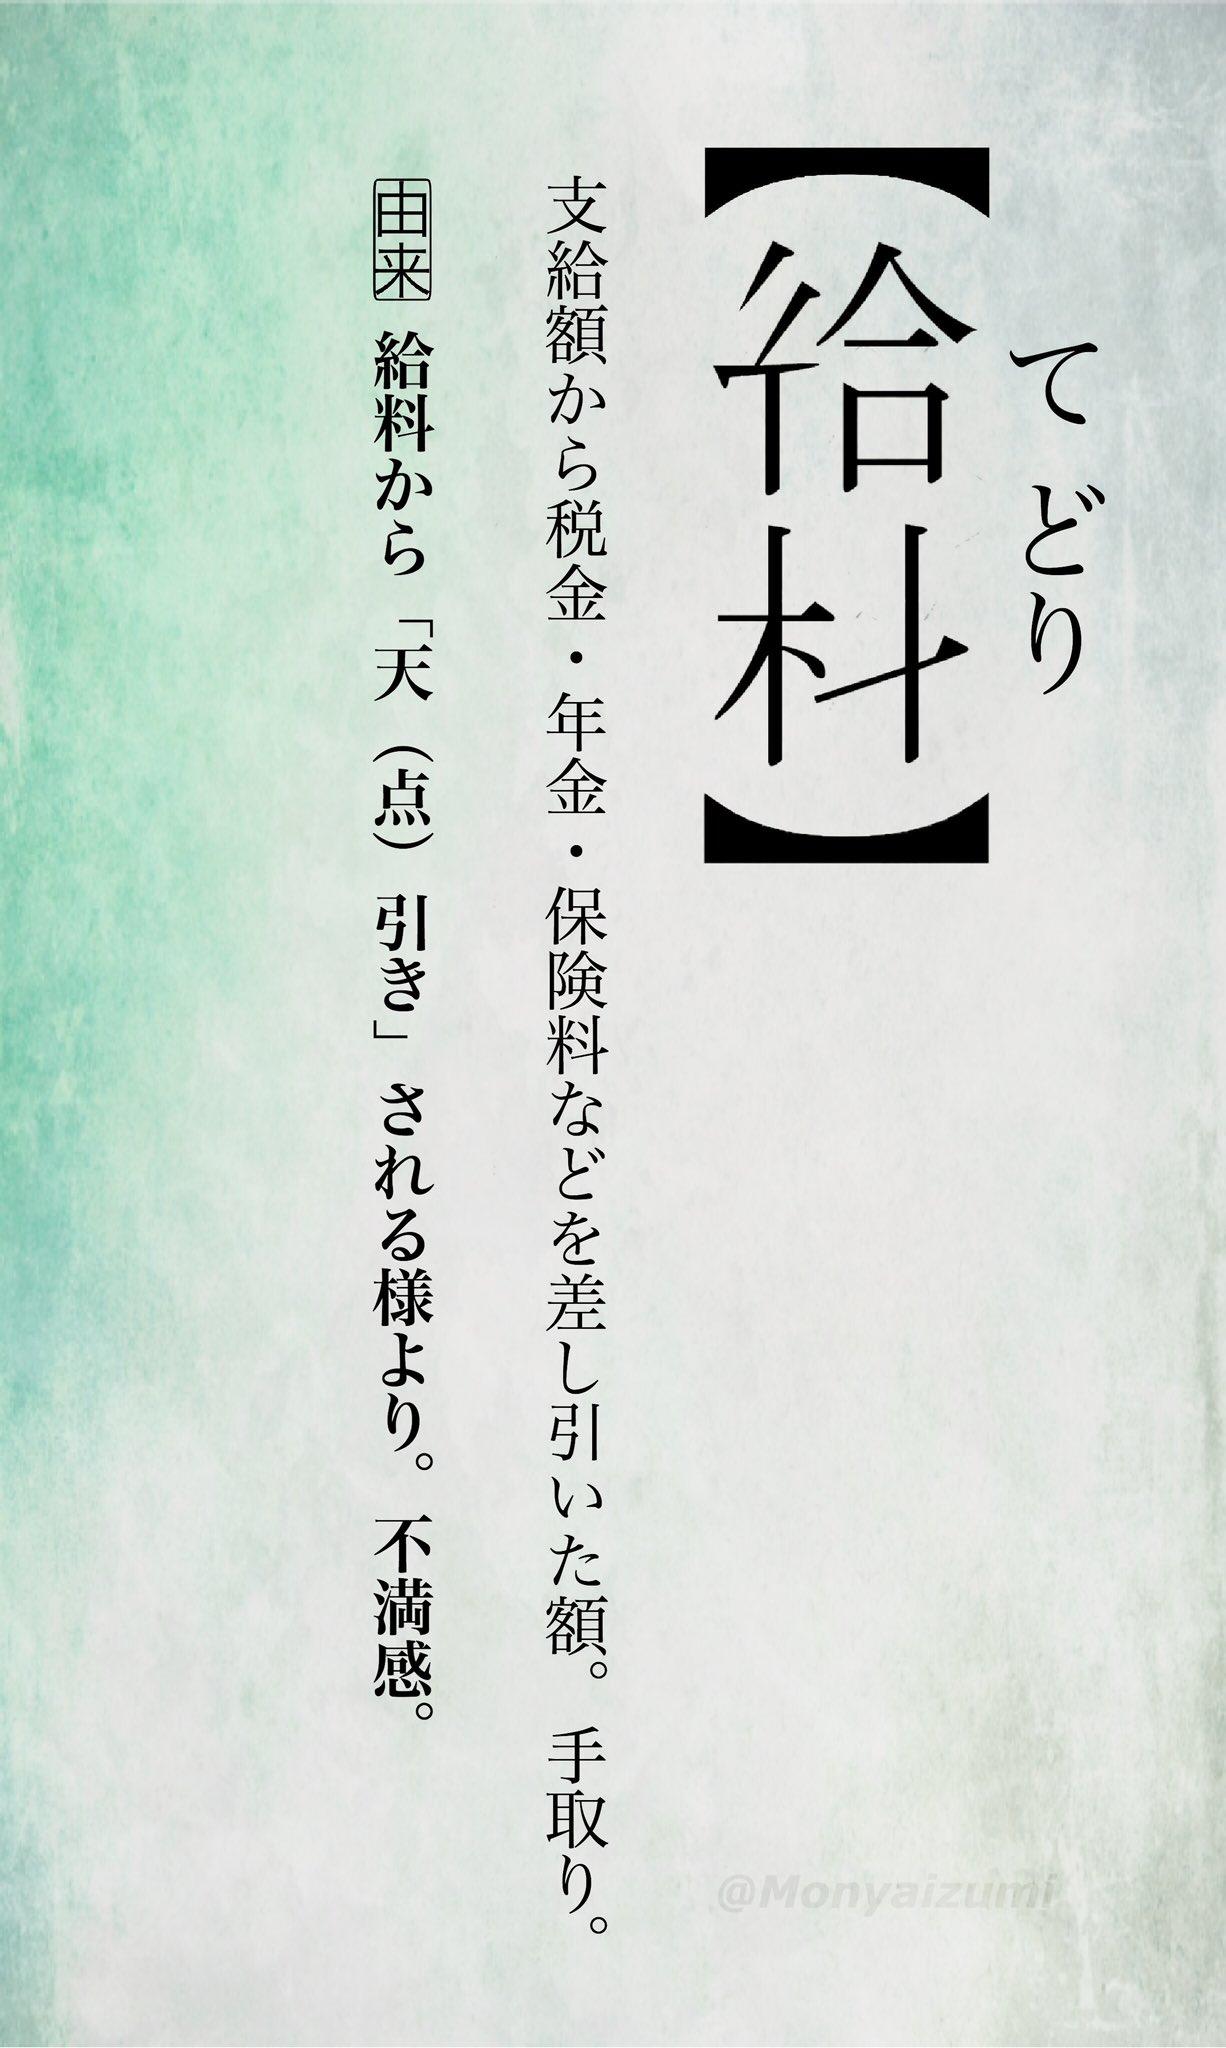 手取りの創作漢字